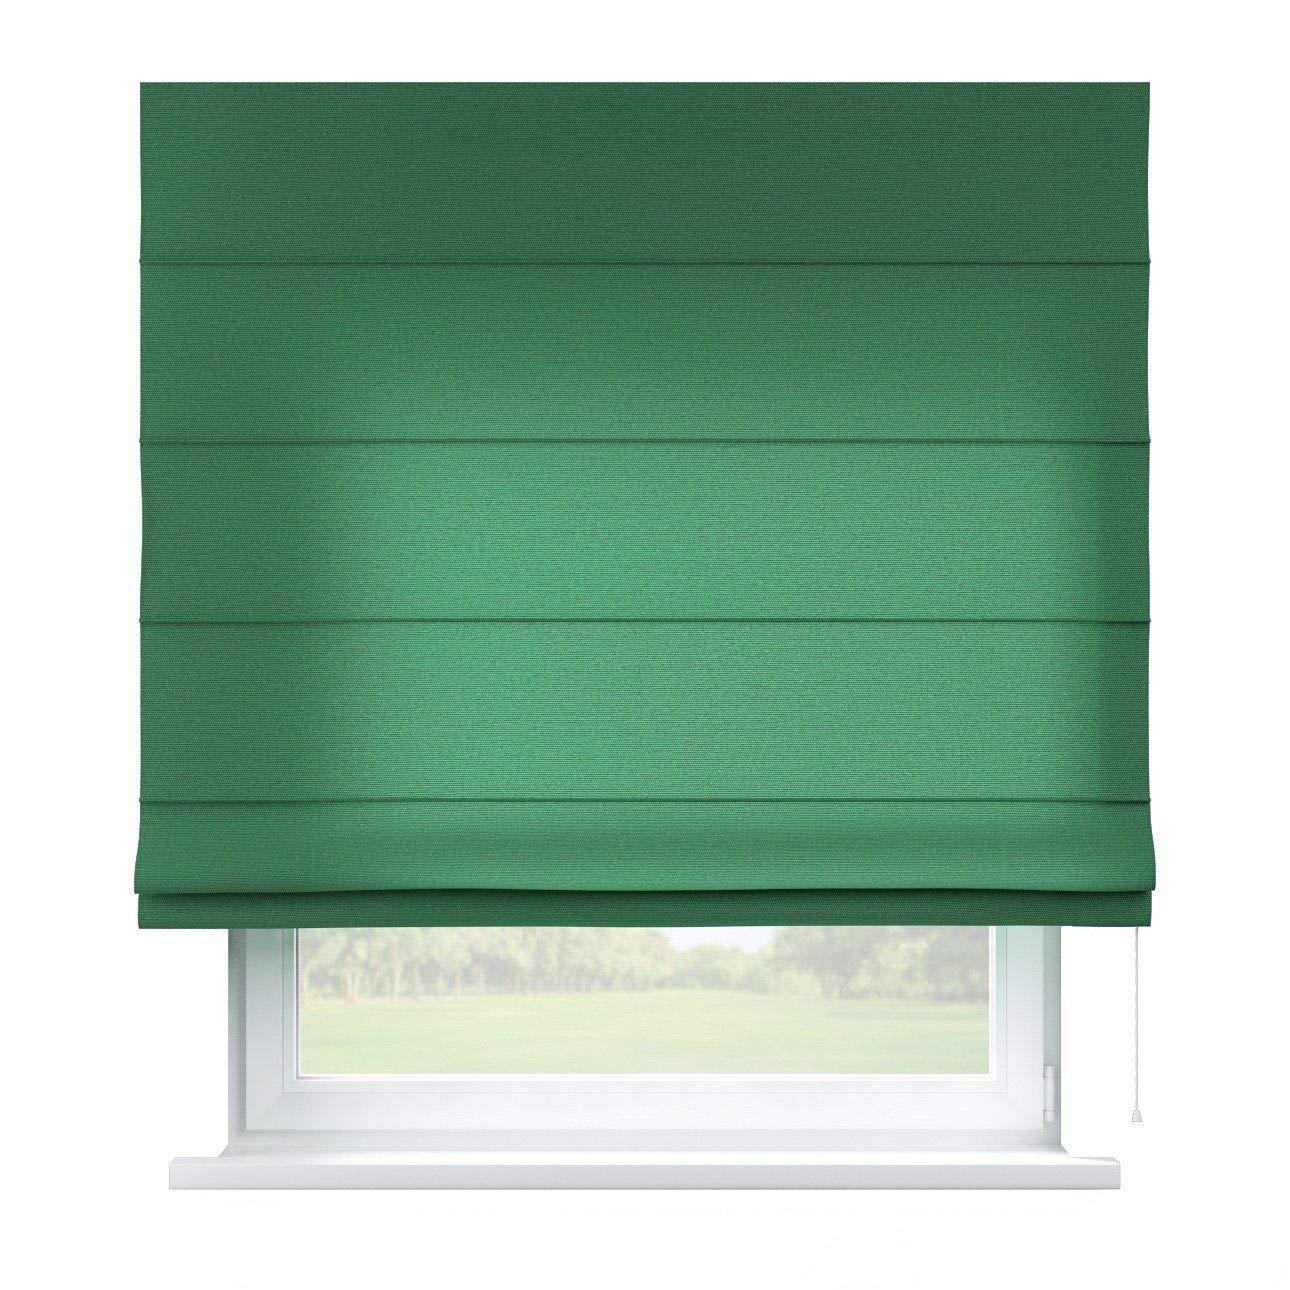 Dekoria Raffrollo Capri ohne Bohren Blickdicht Faltvorhang Raffgardine Wohnzimmer Schlafzimmer Kinderzimmer 130 × 170 cm grün Raffrollos auf Maß maßanfertigung möglich